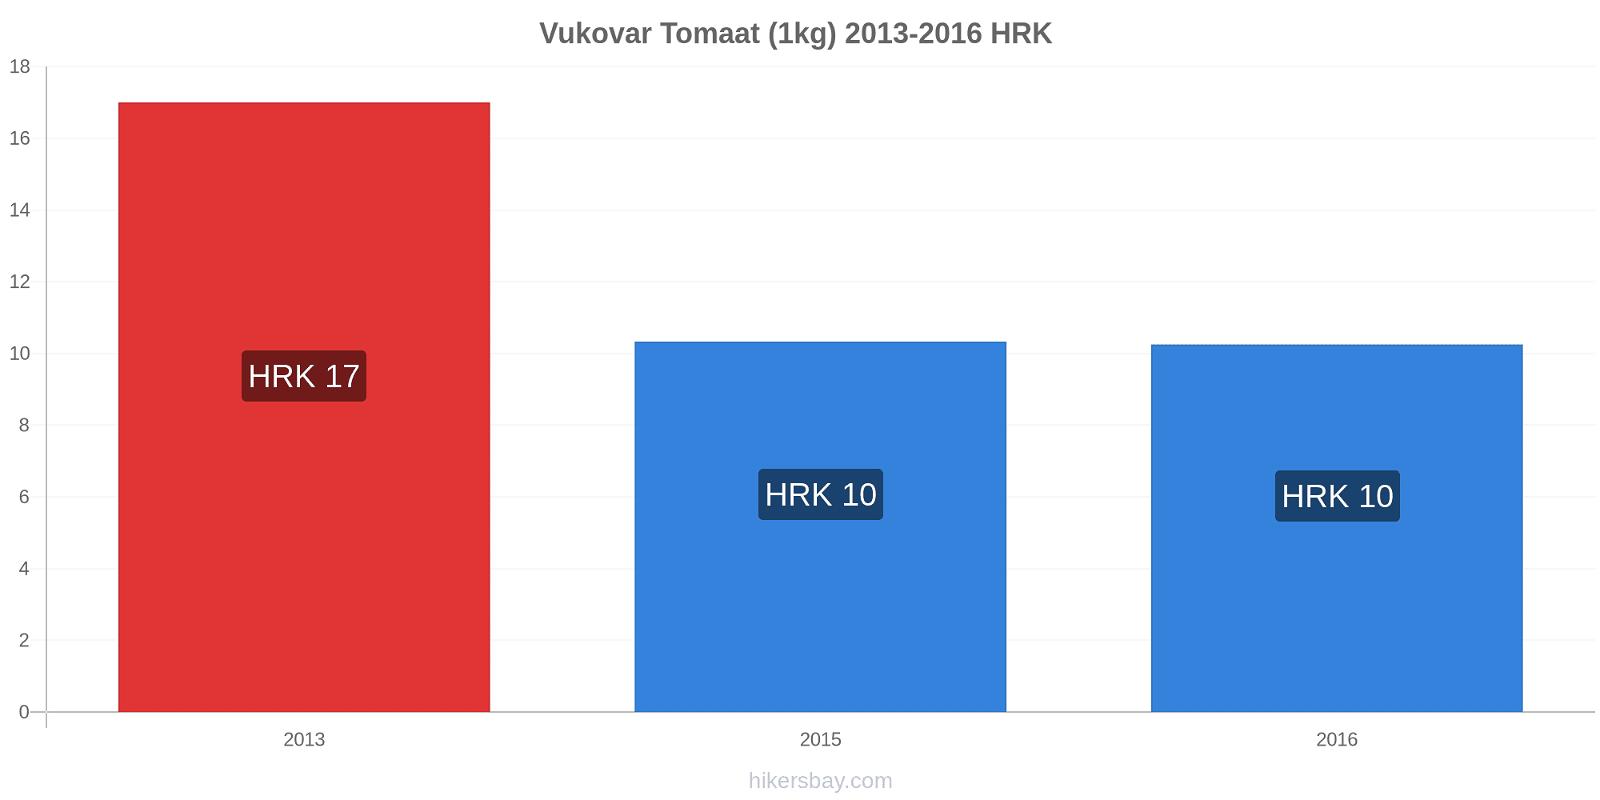 Vukovar prijswijzigingen Tomaat (1kg) hikersbay.com